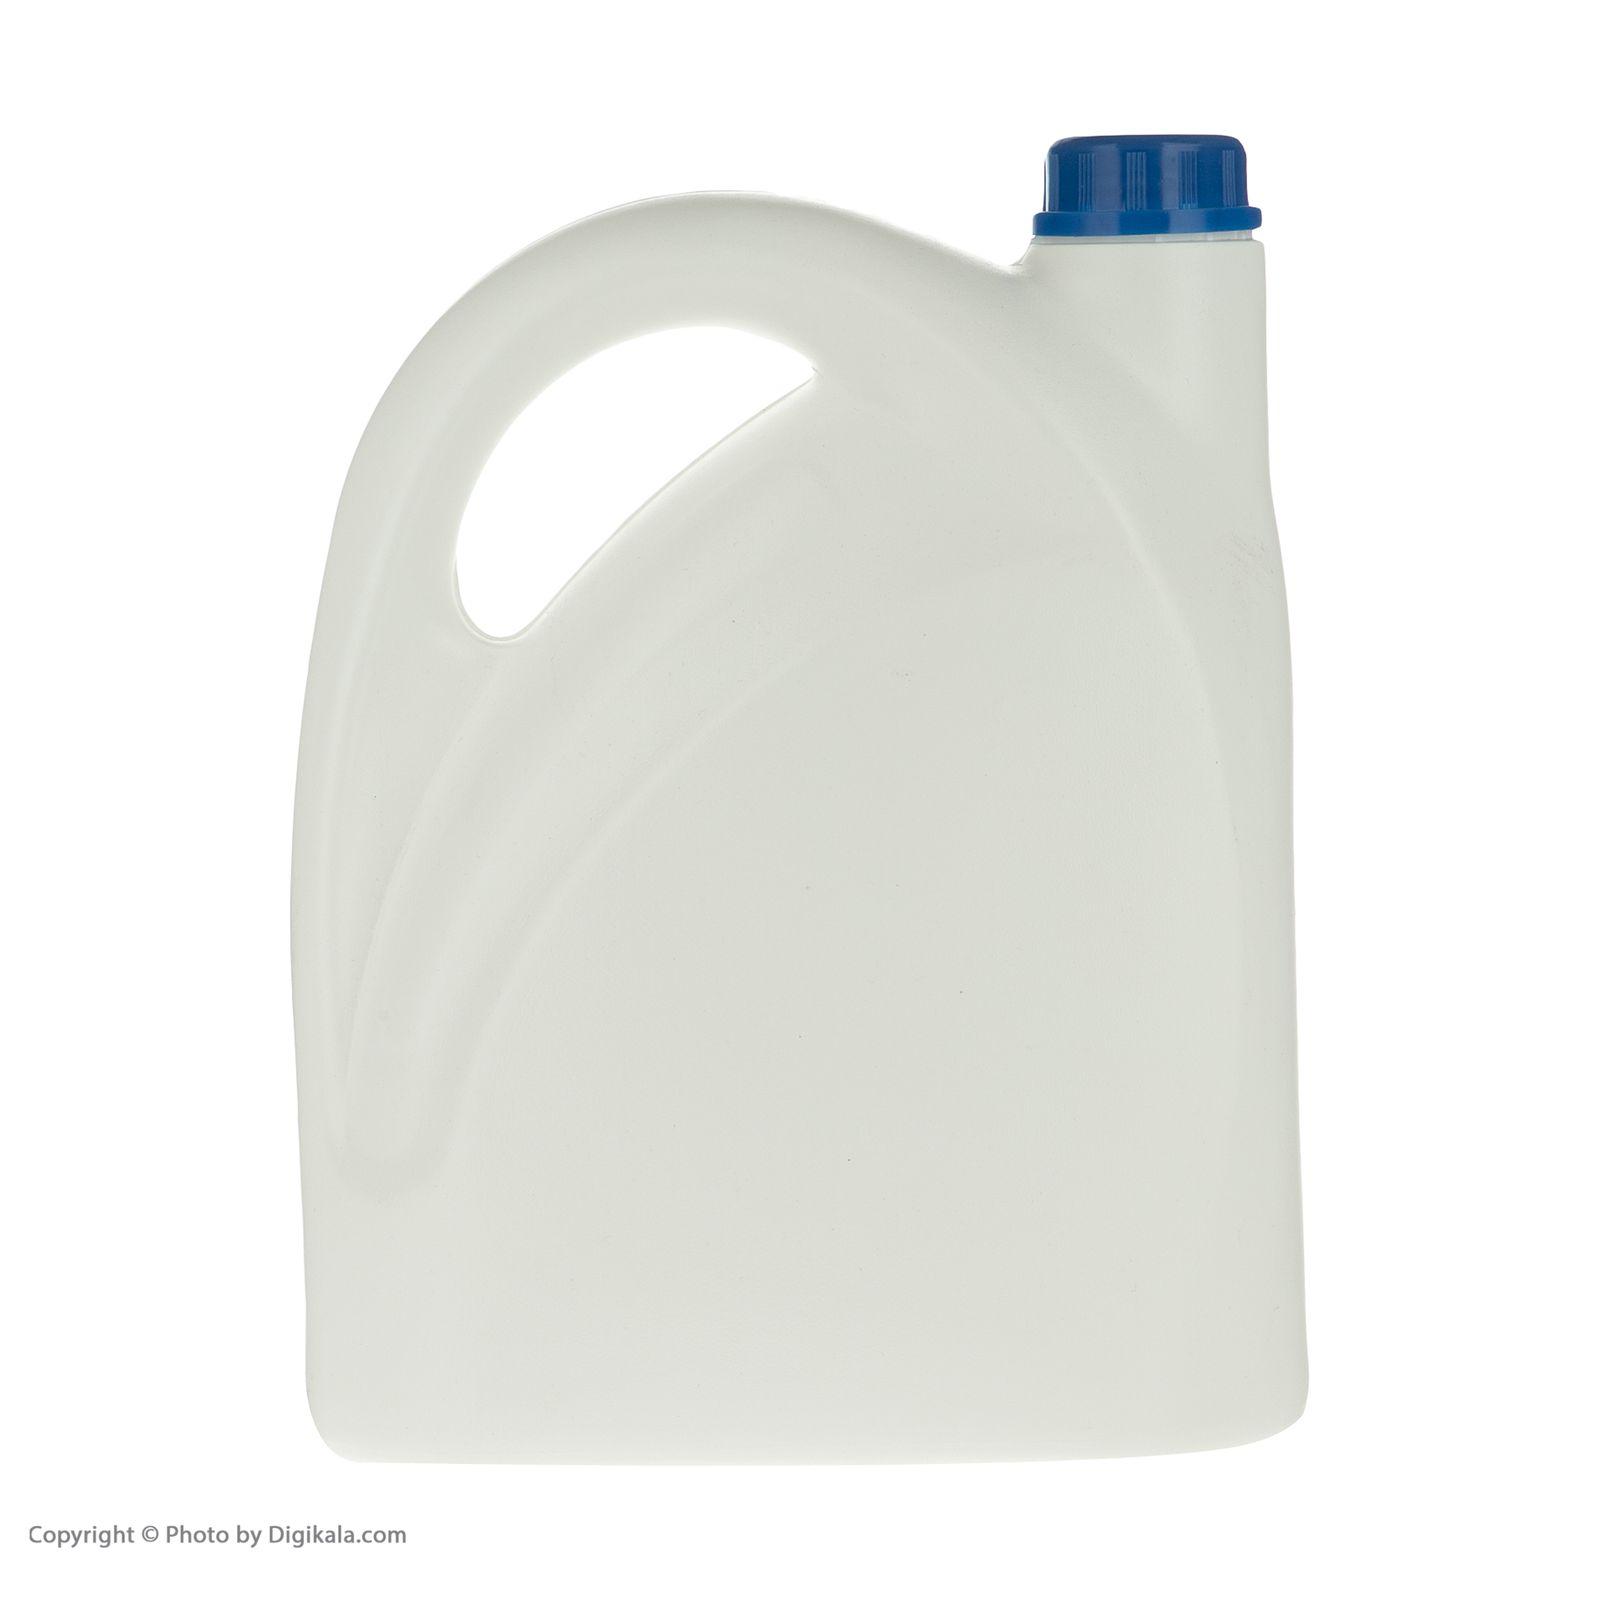 مایع دستشویی نیارو مدل Orange blossom مقدار 3.75 کیلوگرم main 1 1